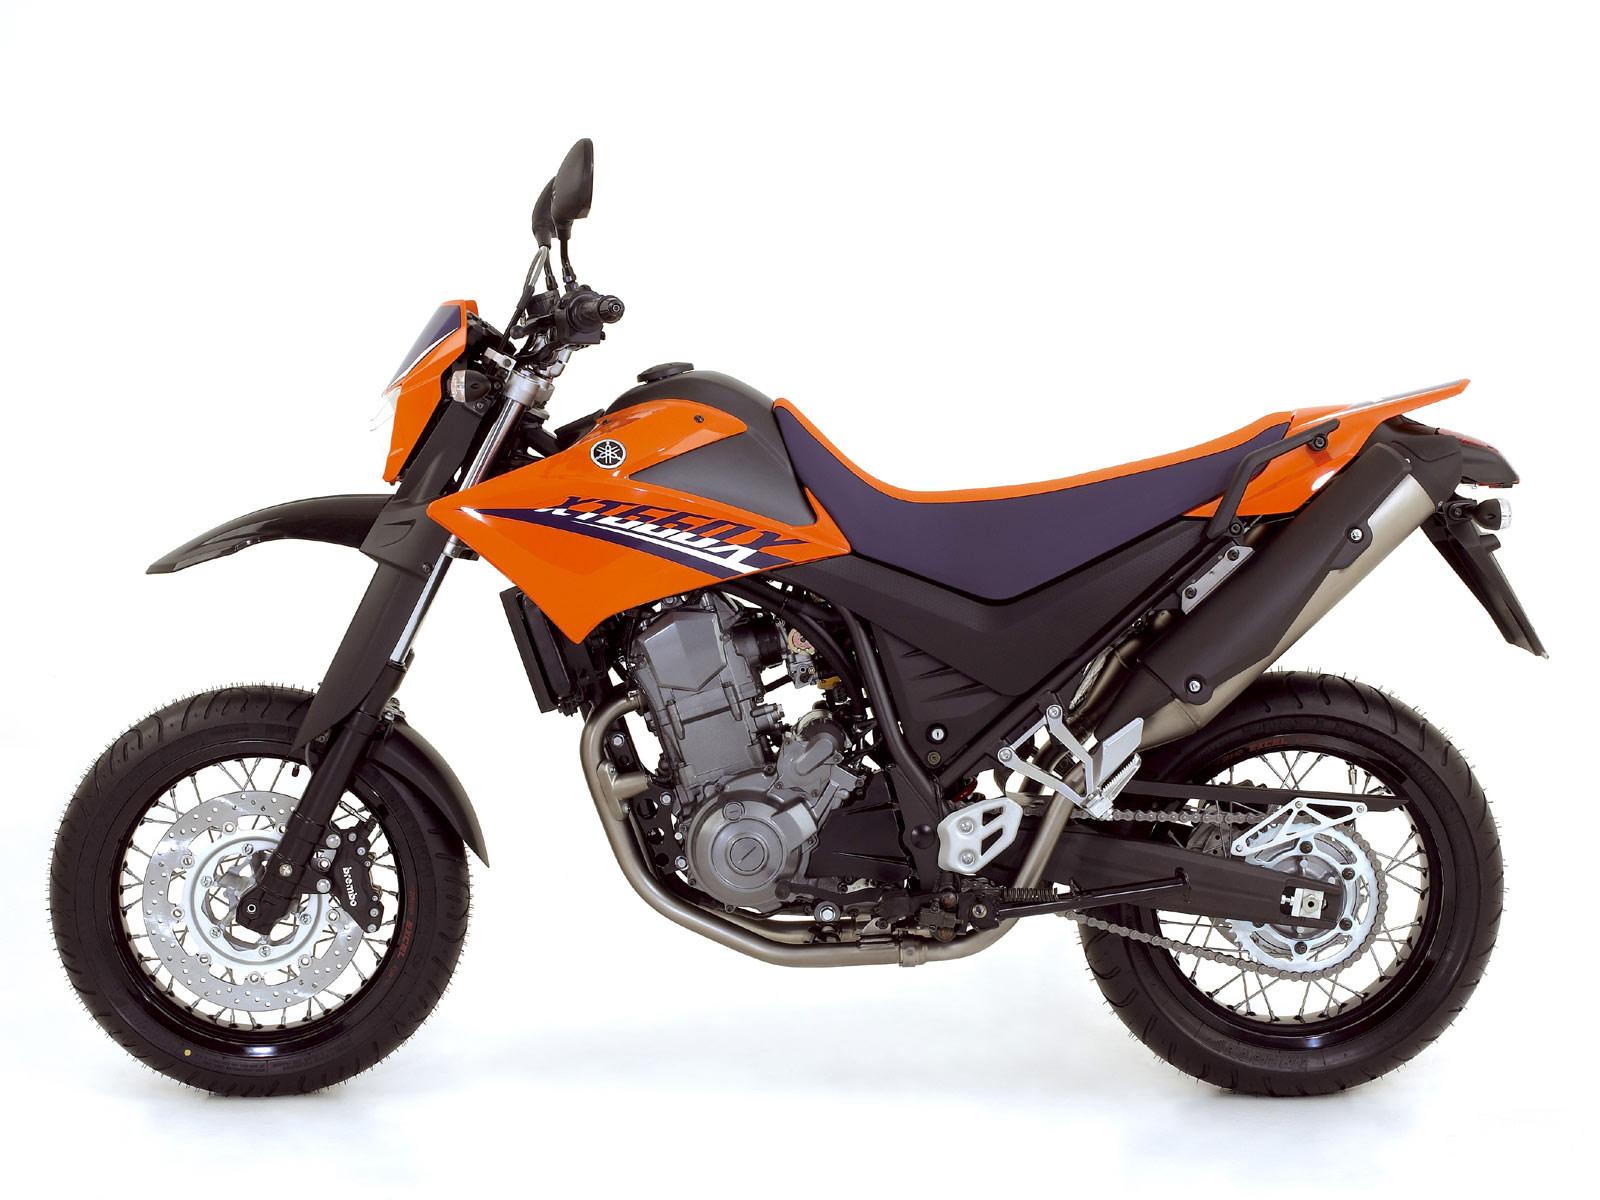 2007 YAMAHA XT660X Motorcycle Photos